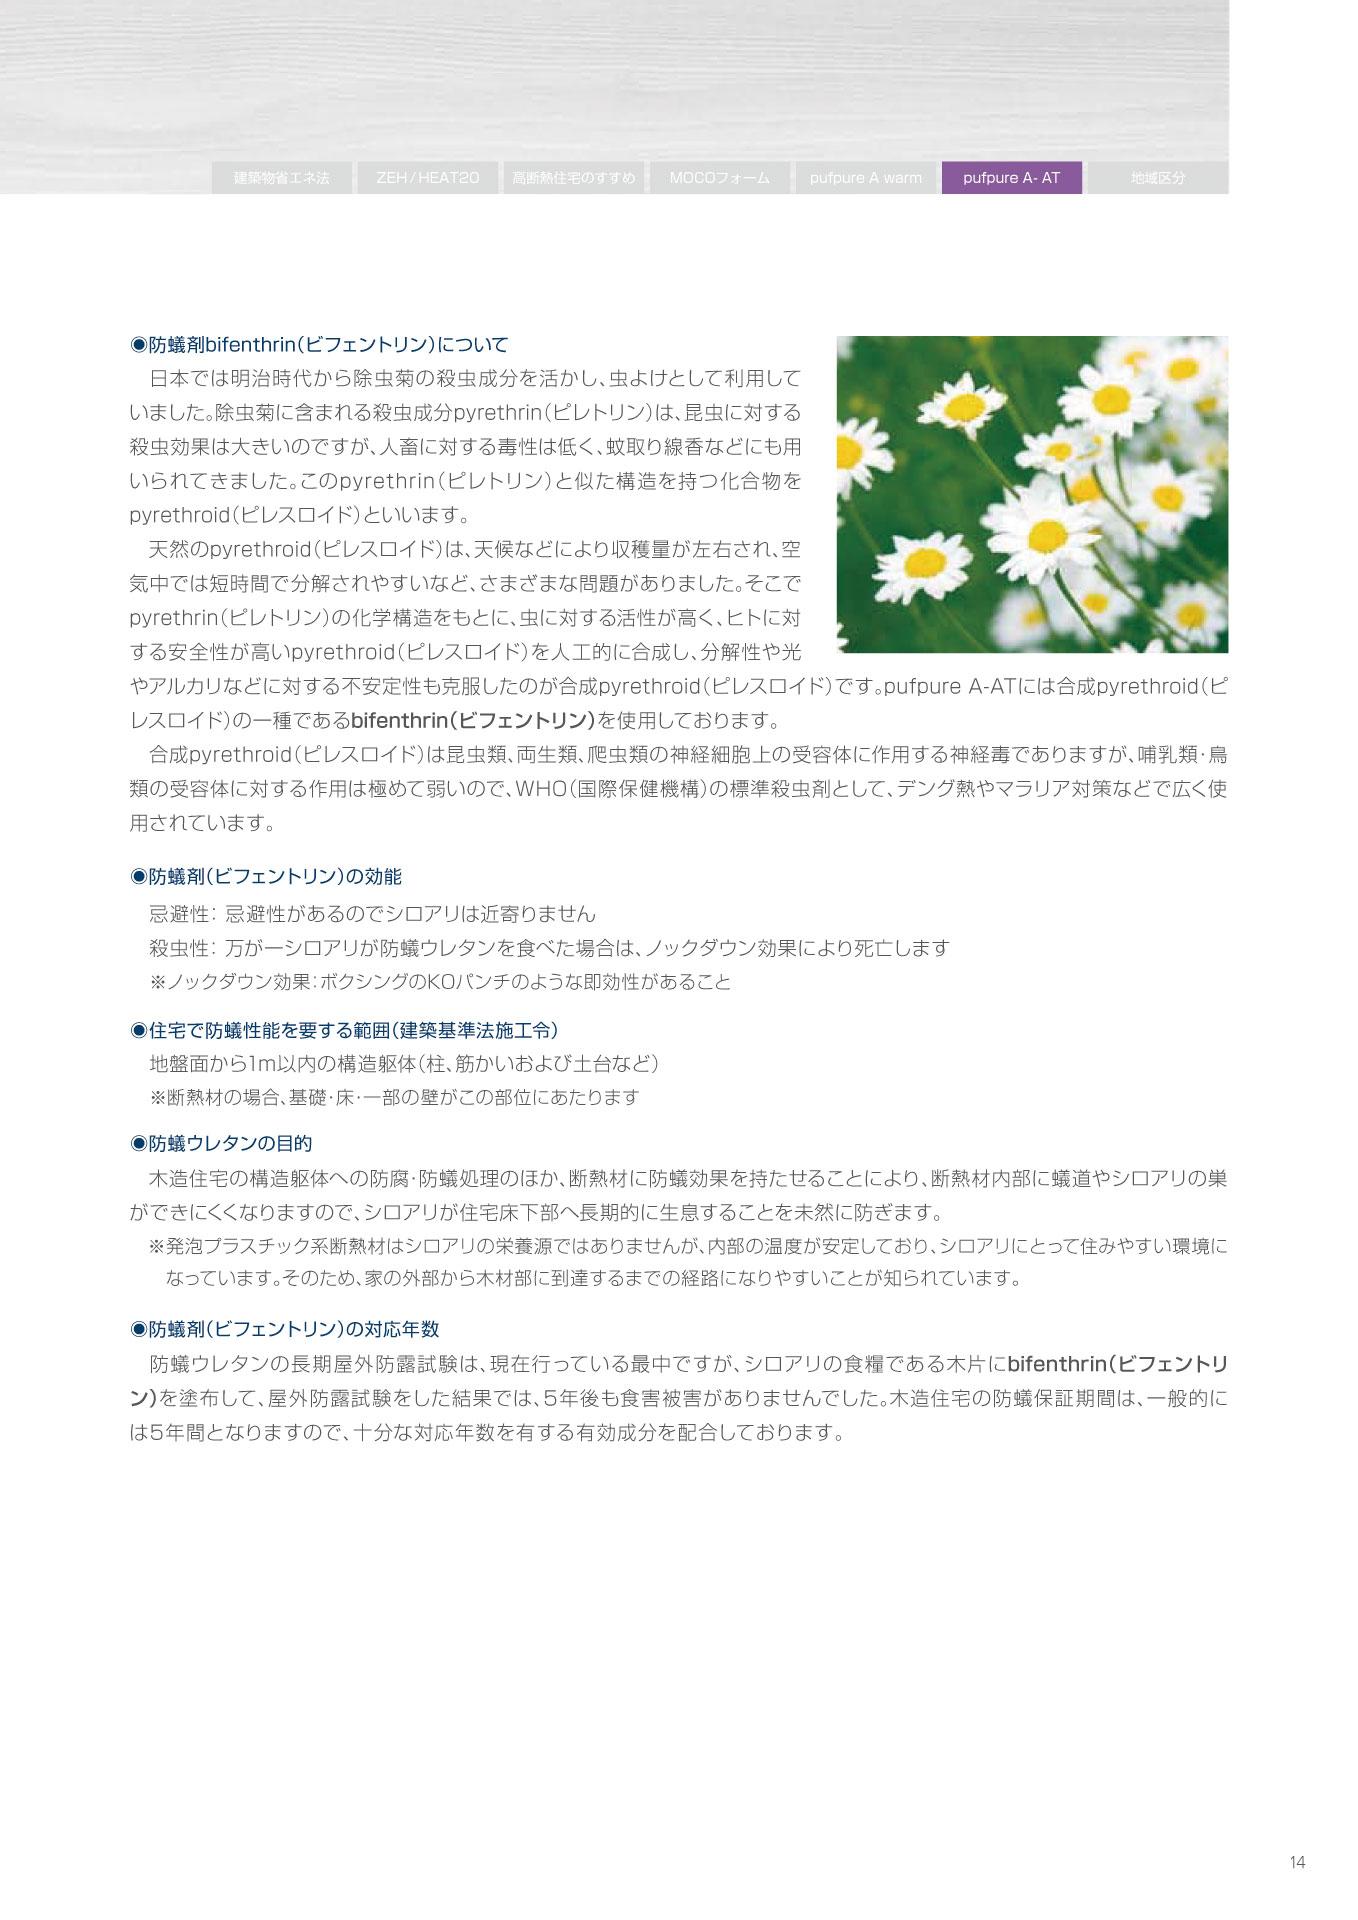 木造住宅用総合カタログP14